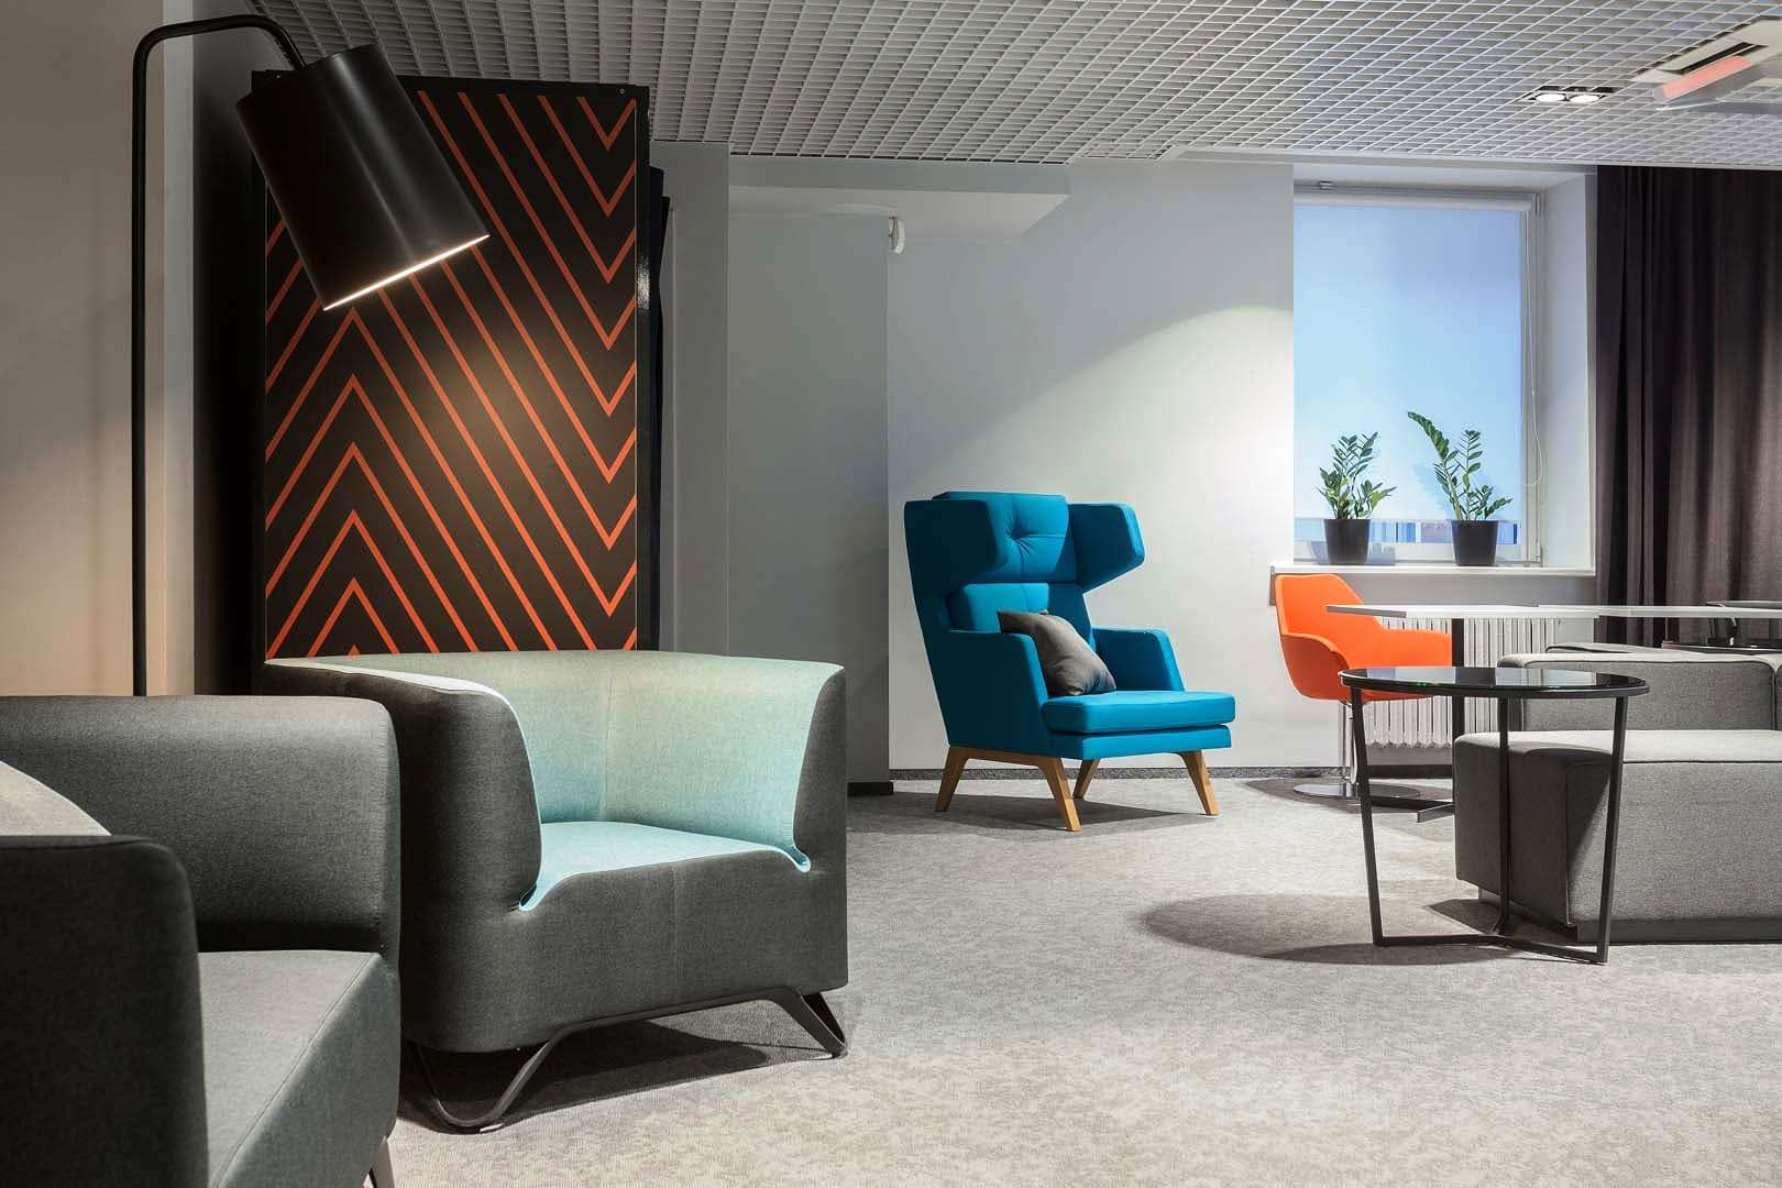 Современный дизайн интерьеров – это целый комплекс мероприятий и работ, сопровождаемых использованием высокотехнологичного оборудования, но при обязательном творческом участии профессионала своего дела. Офис Epam